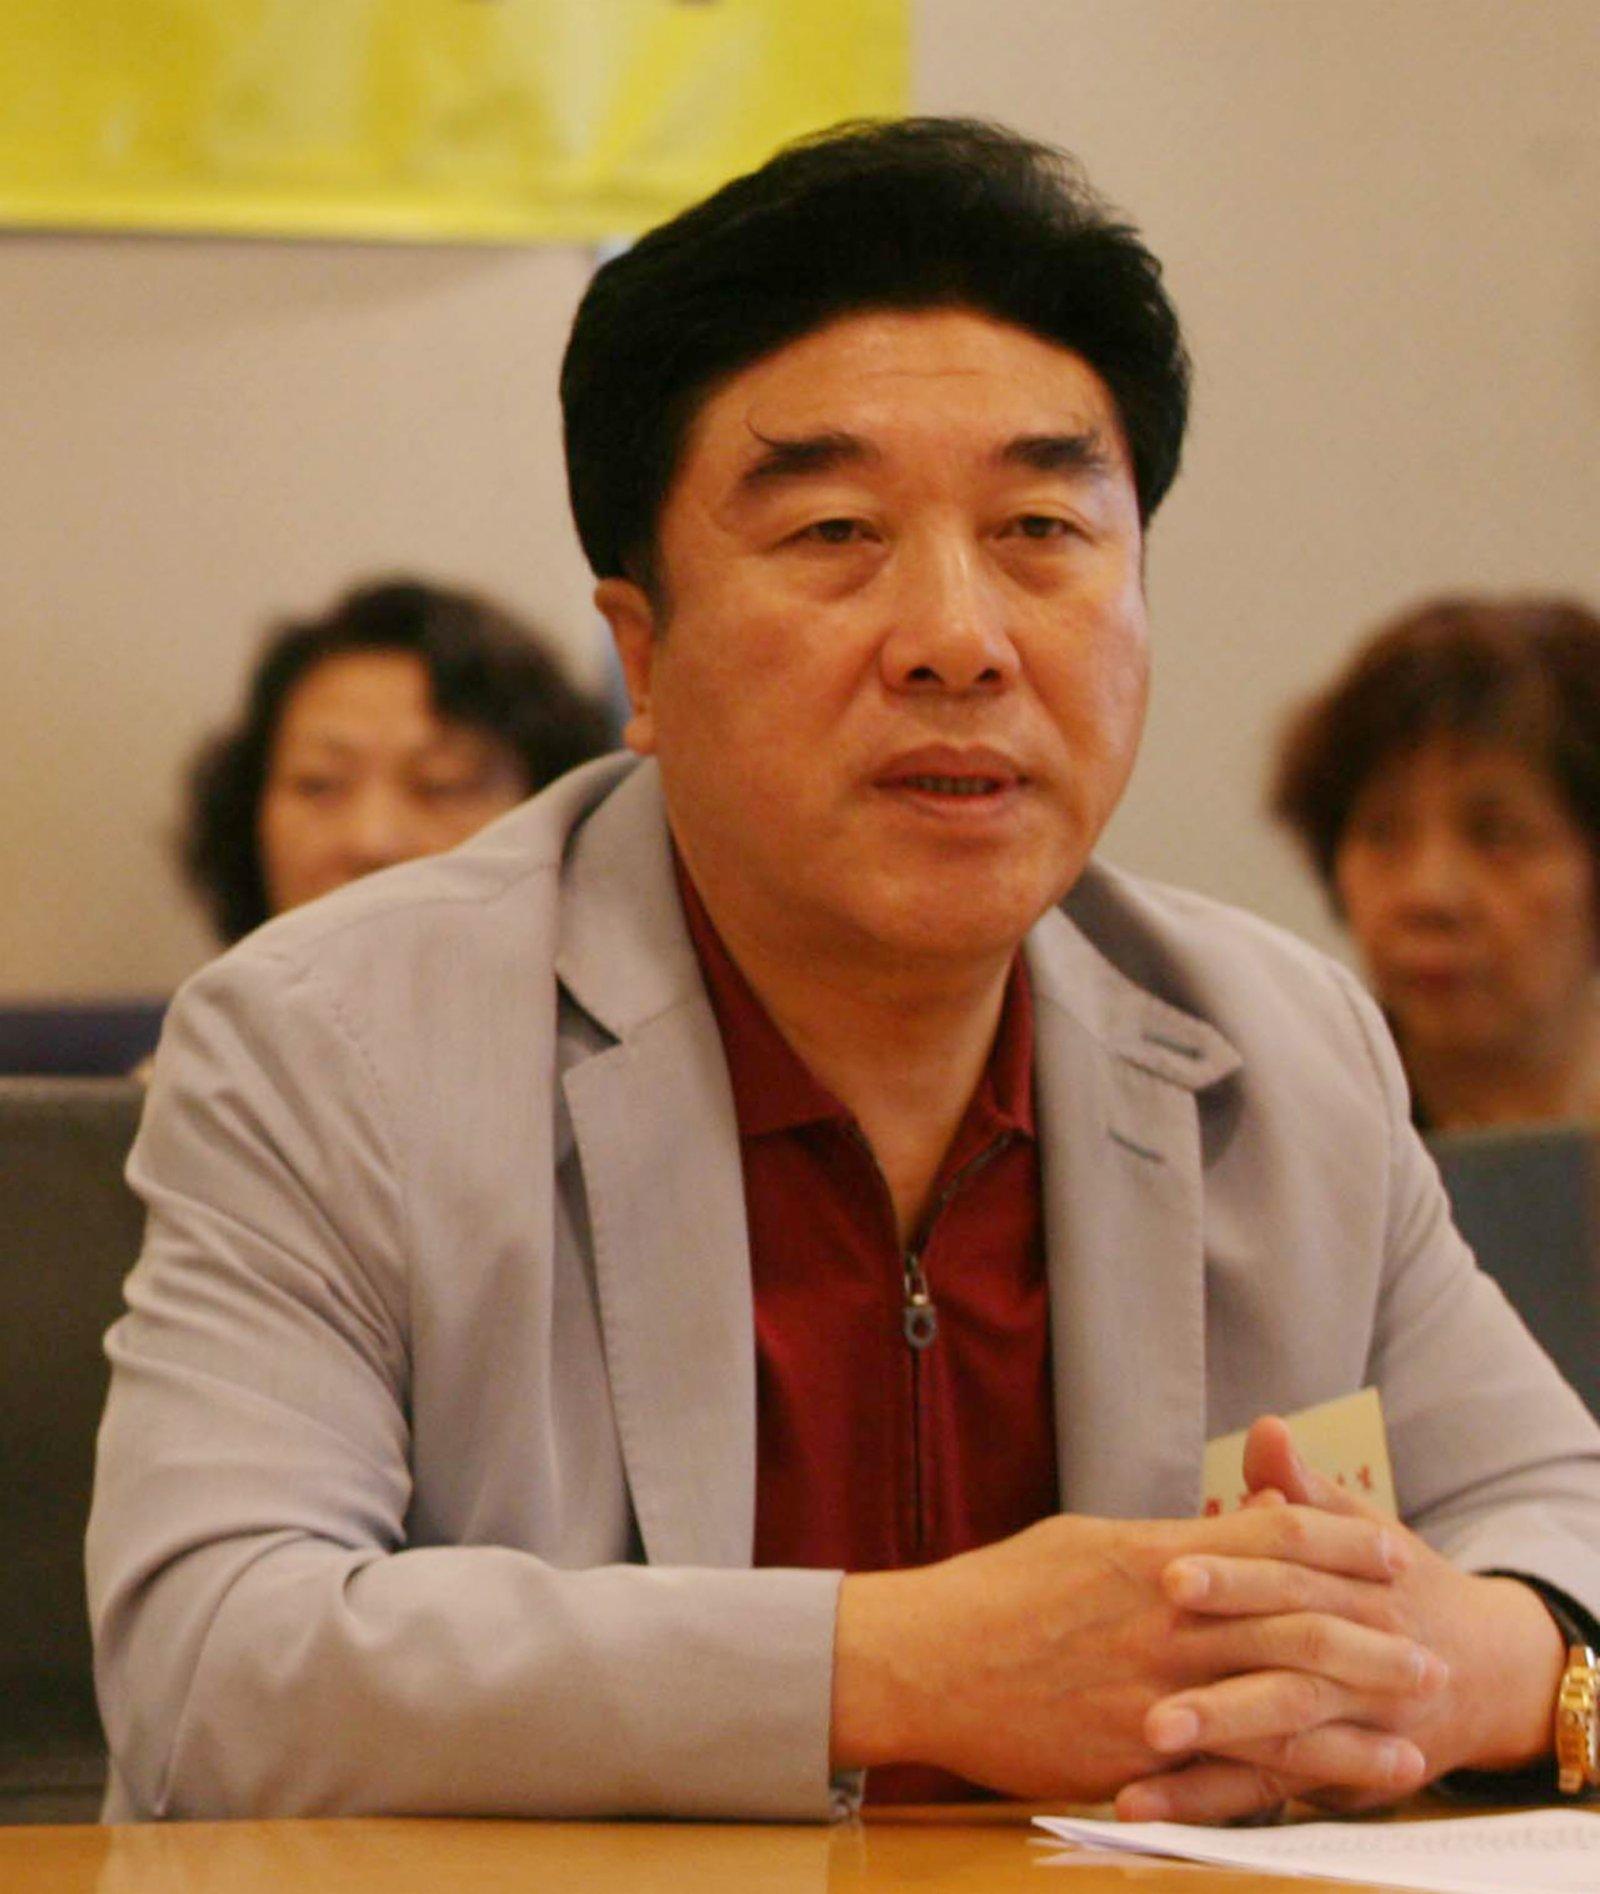 高敬德委員倡強化頂層設計促進香港長治久安